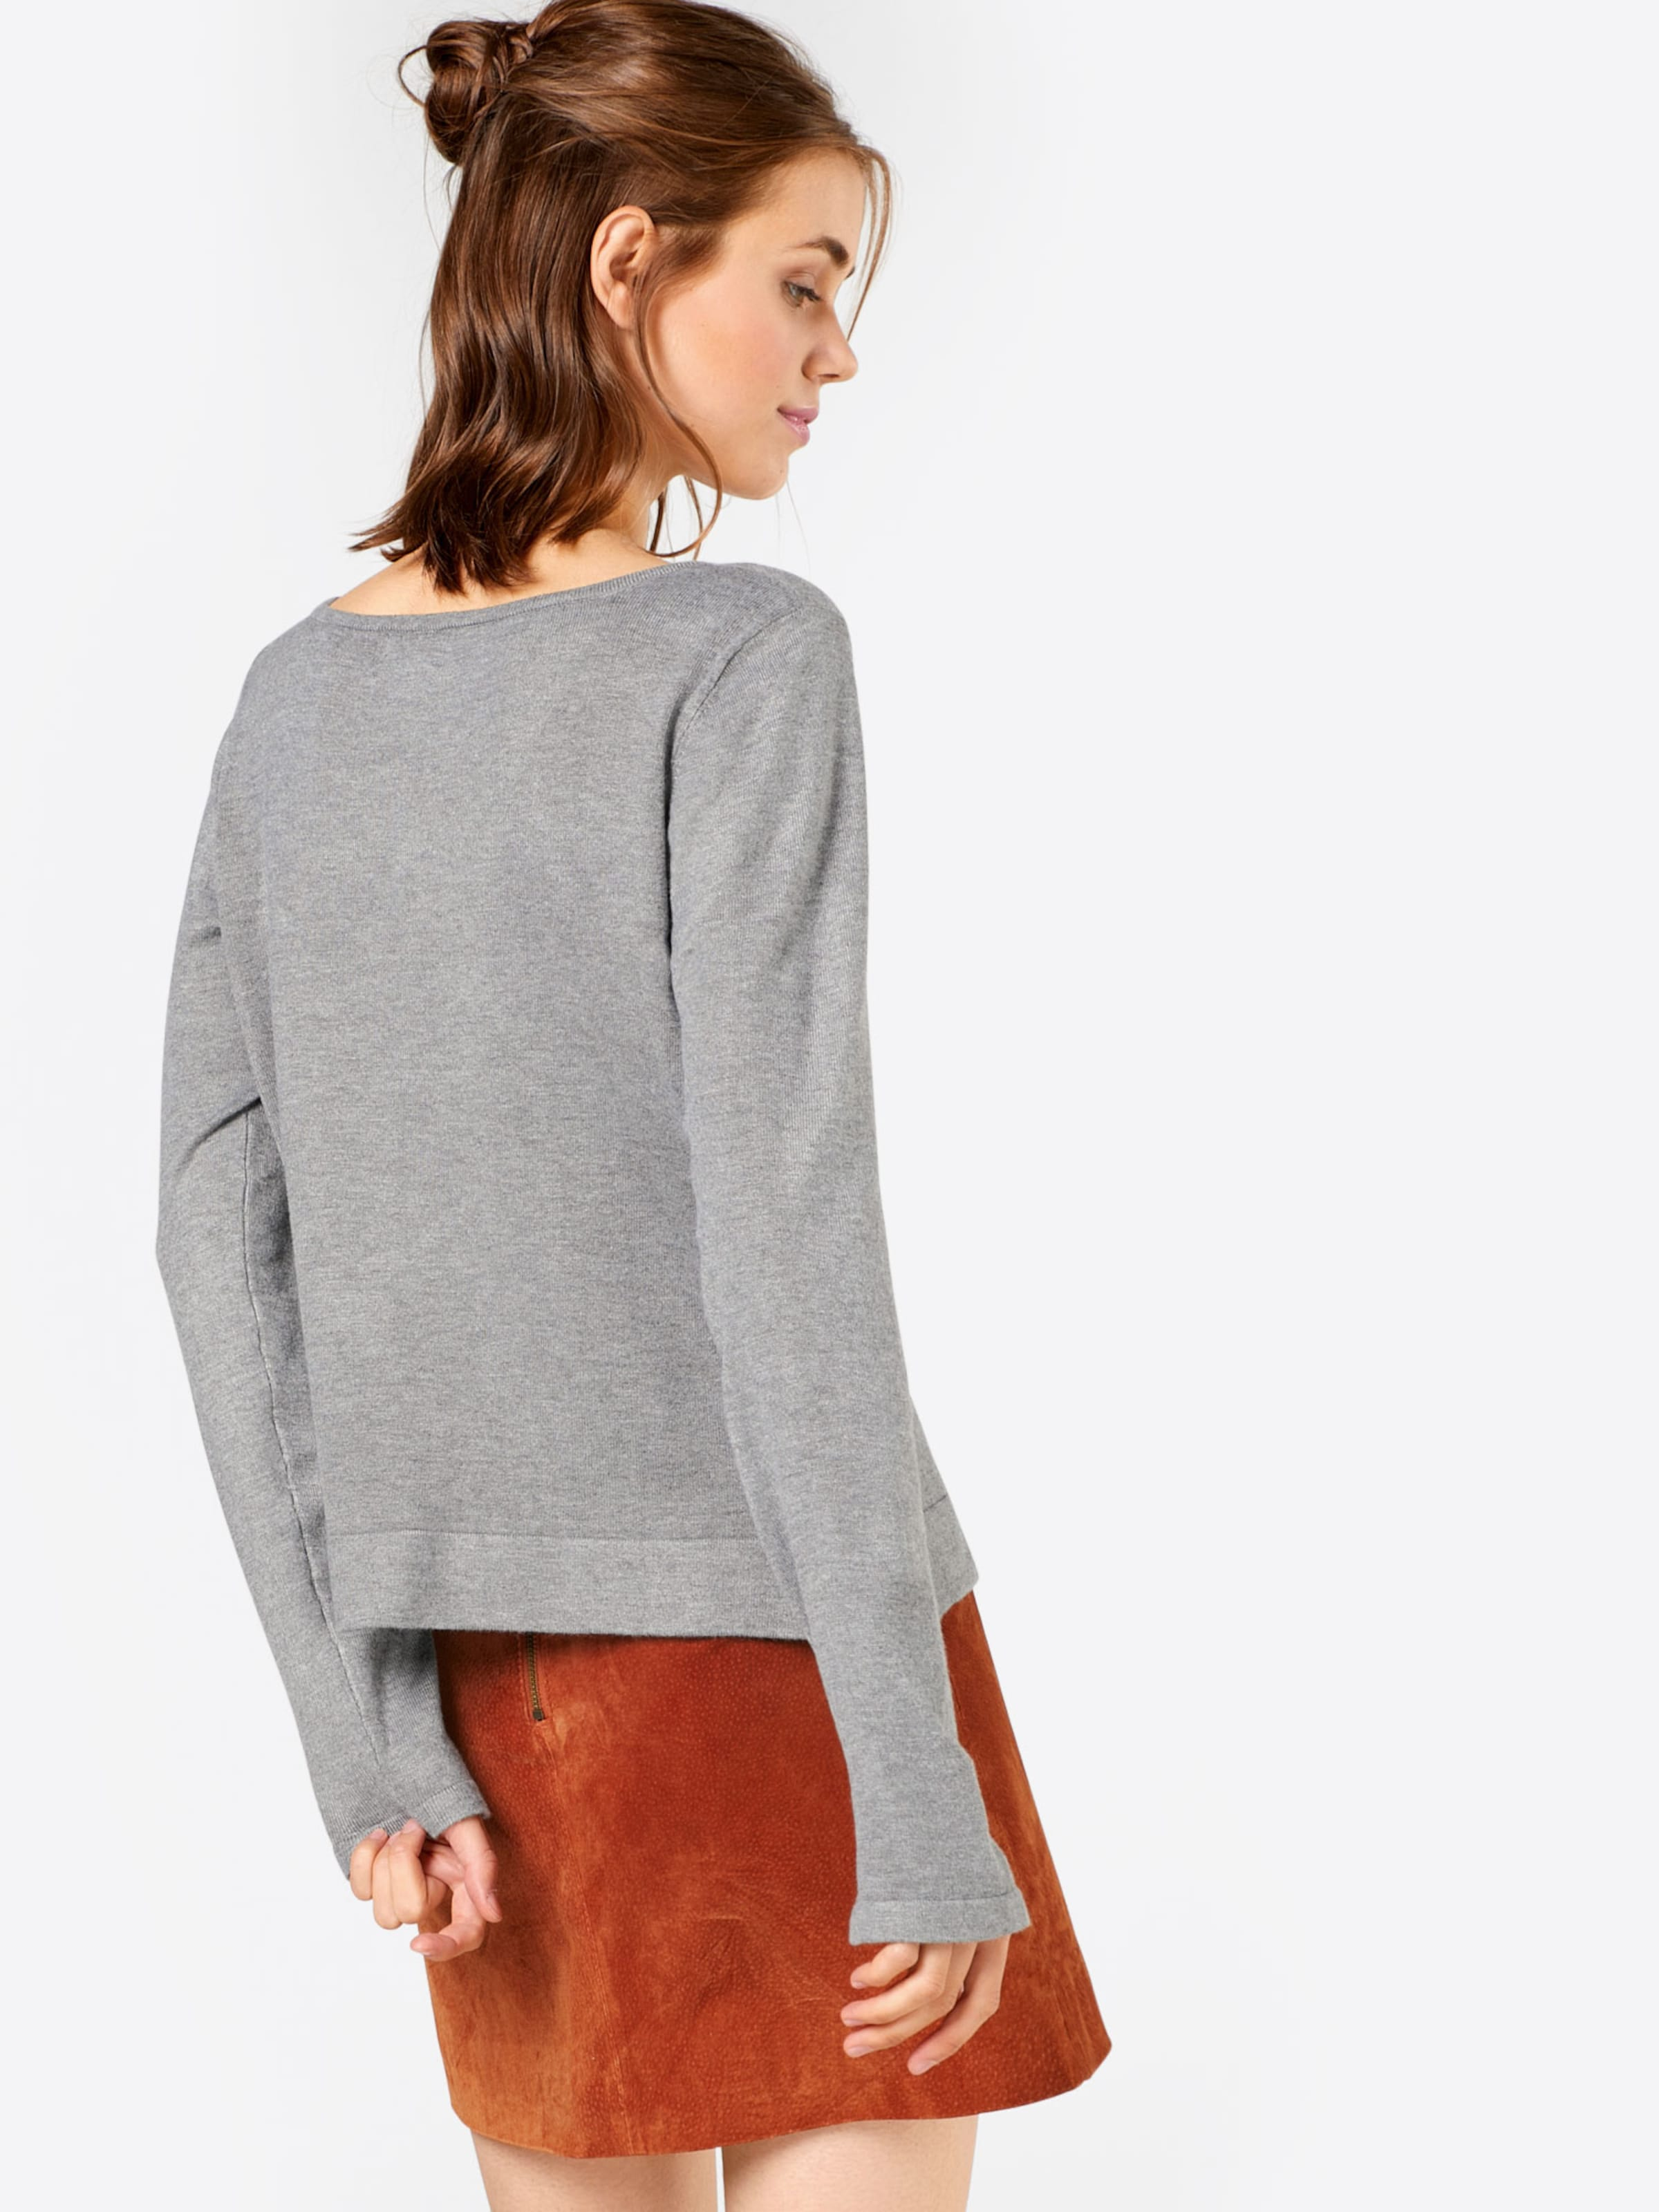 BROADWAY NYC FASHION Sweater 'Maika' Günstig Kaufen 100% Authentisch qreT8Pvbj